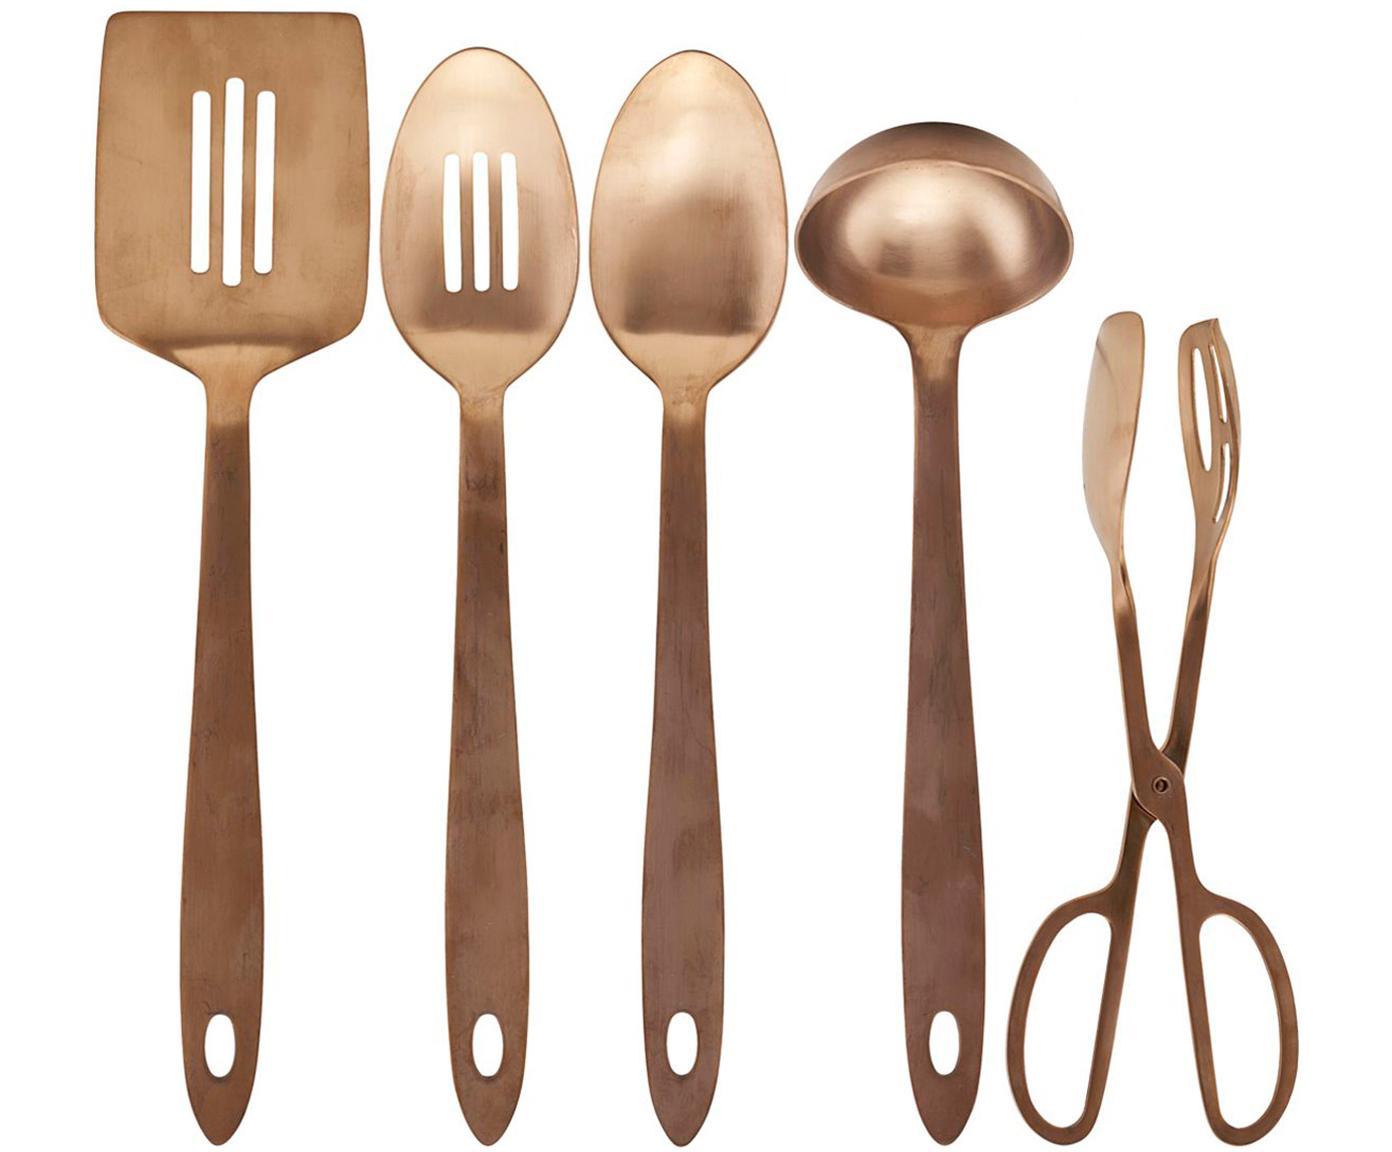 Set 5 utensili da cucina Take, Acciaio inossidabile, Ramato, Diverse dimensioni